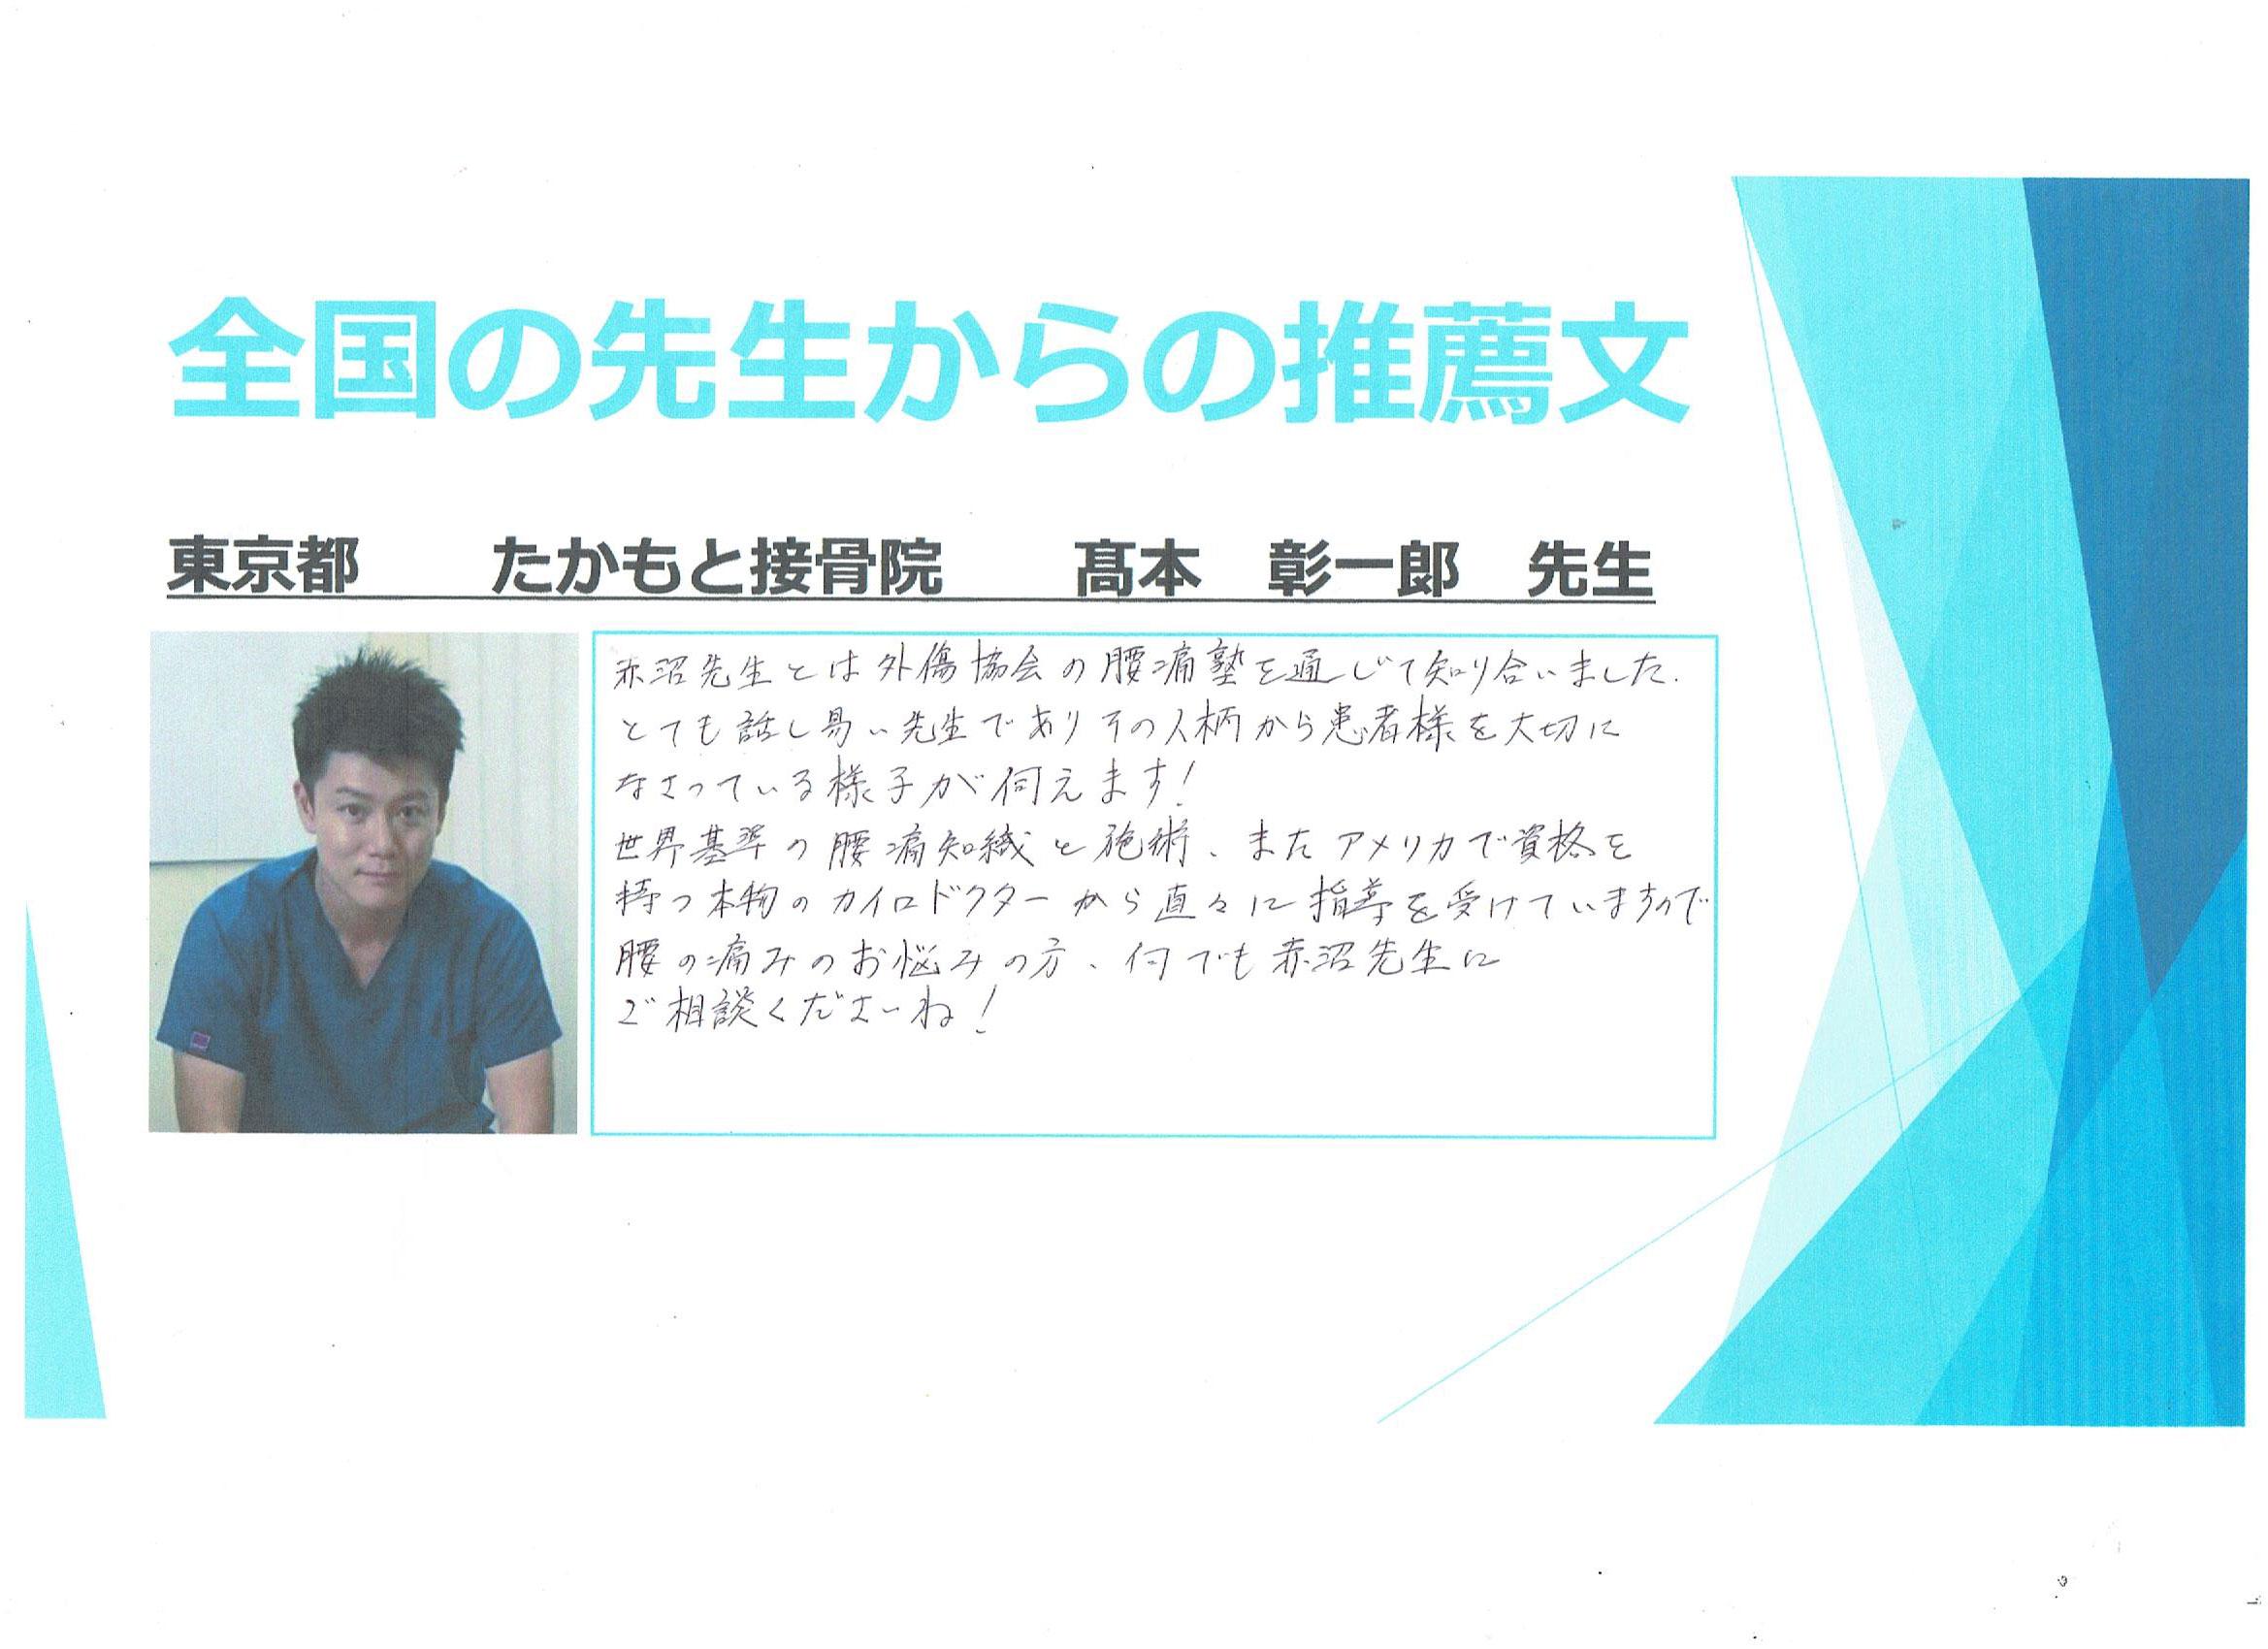 東京都 たかもと整骨院 高本彰一郎 先生